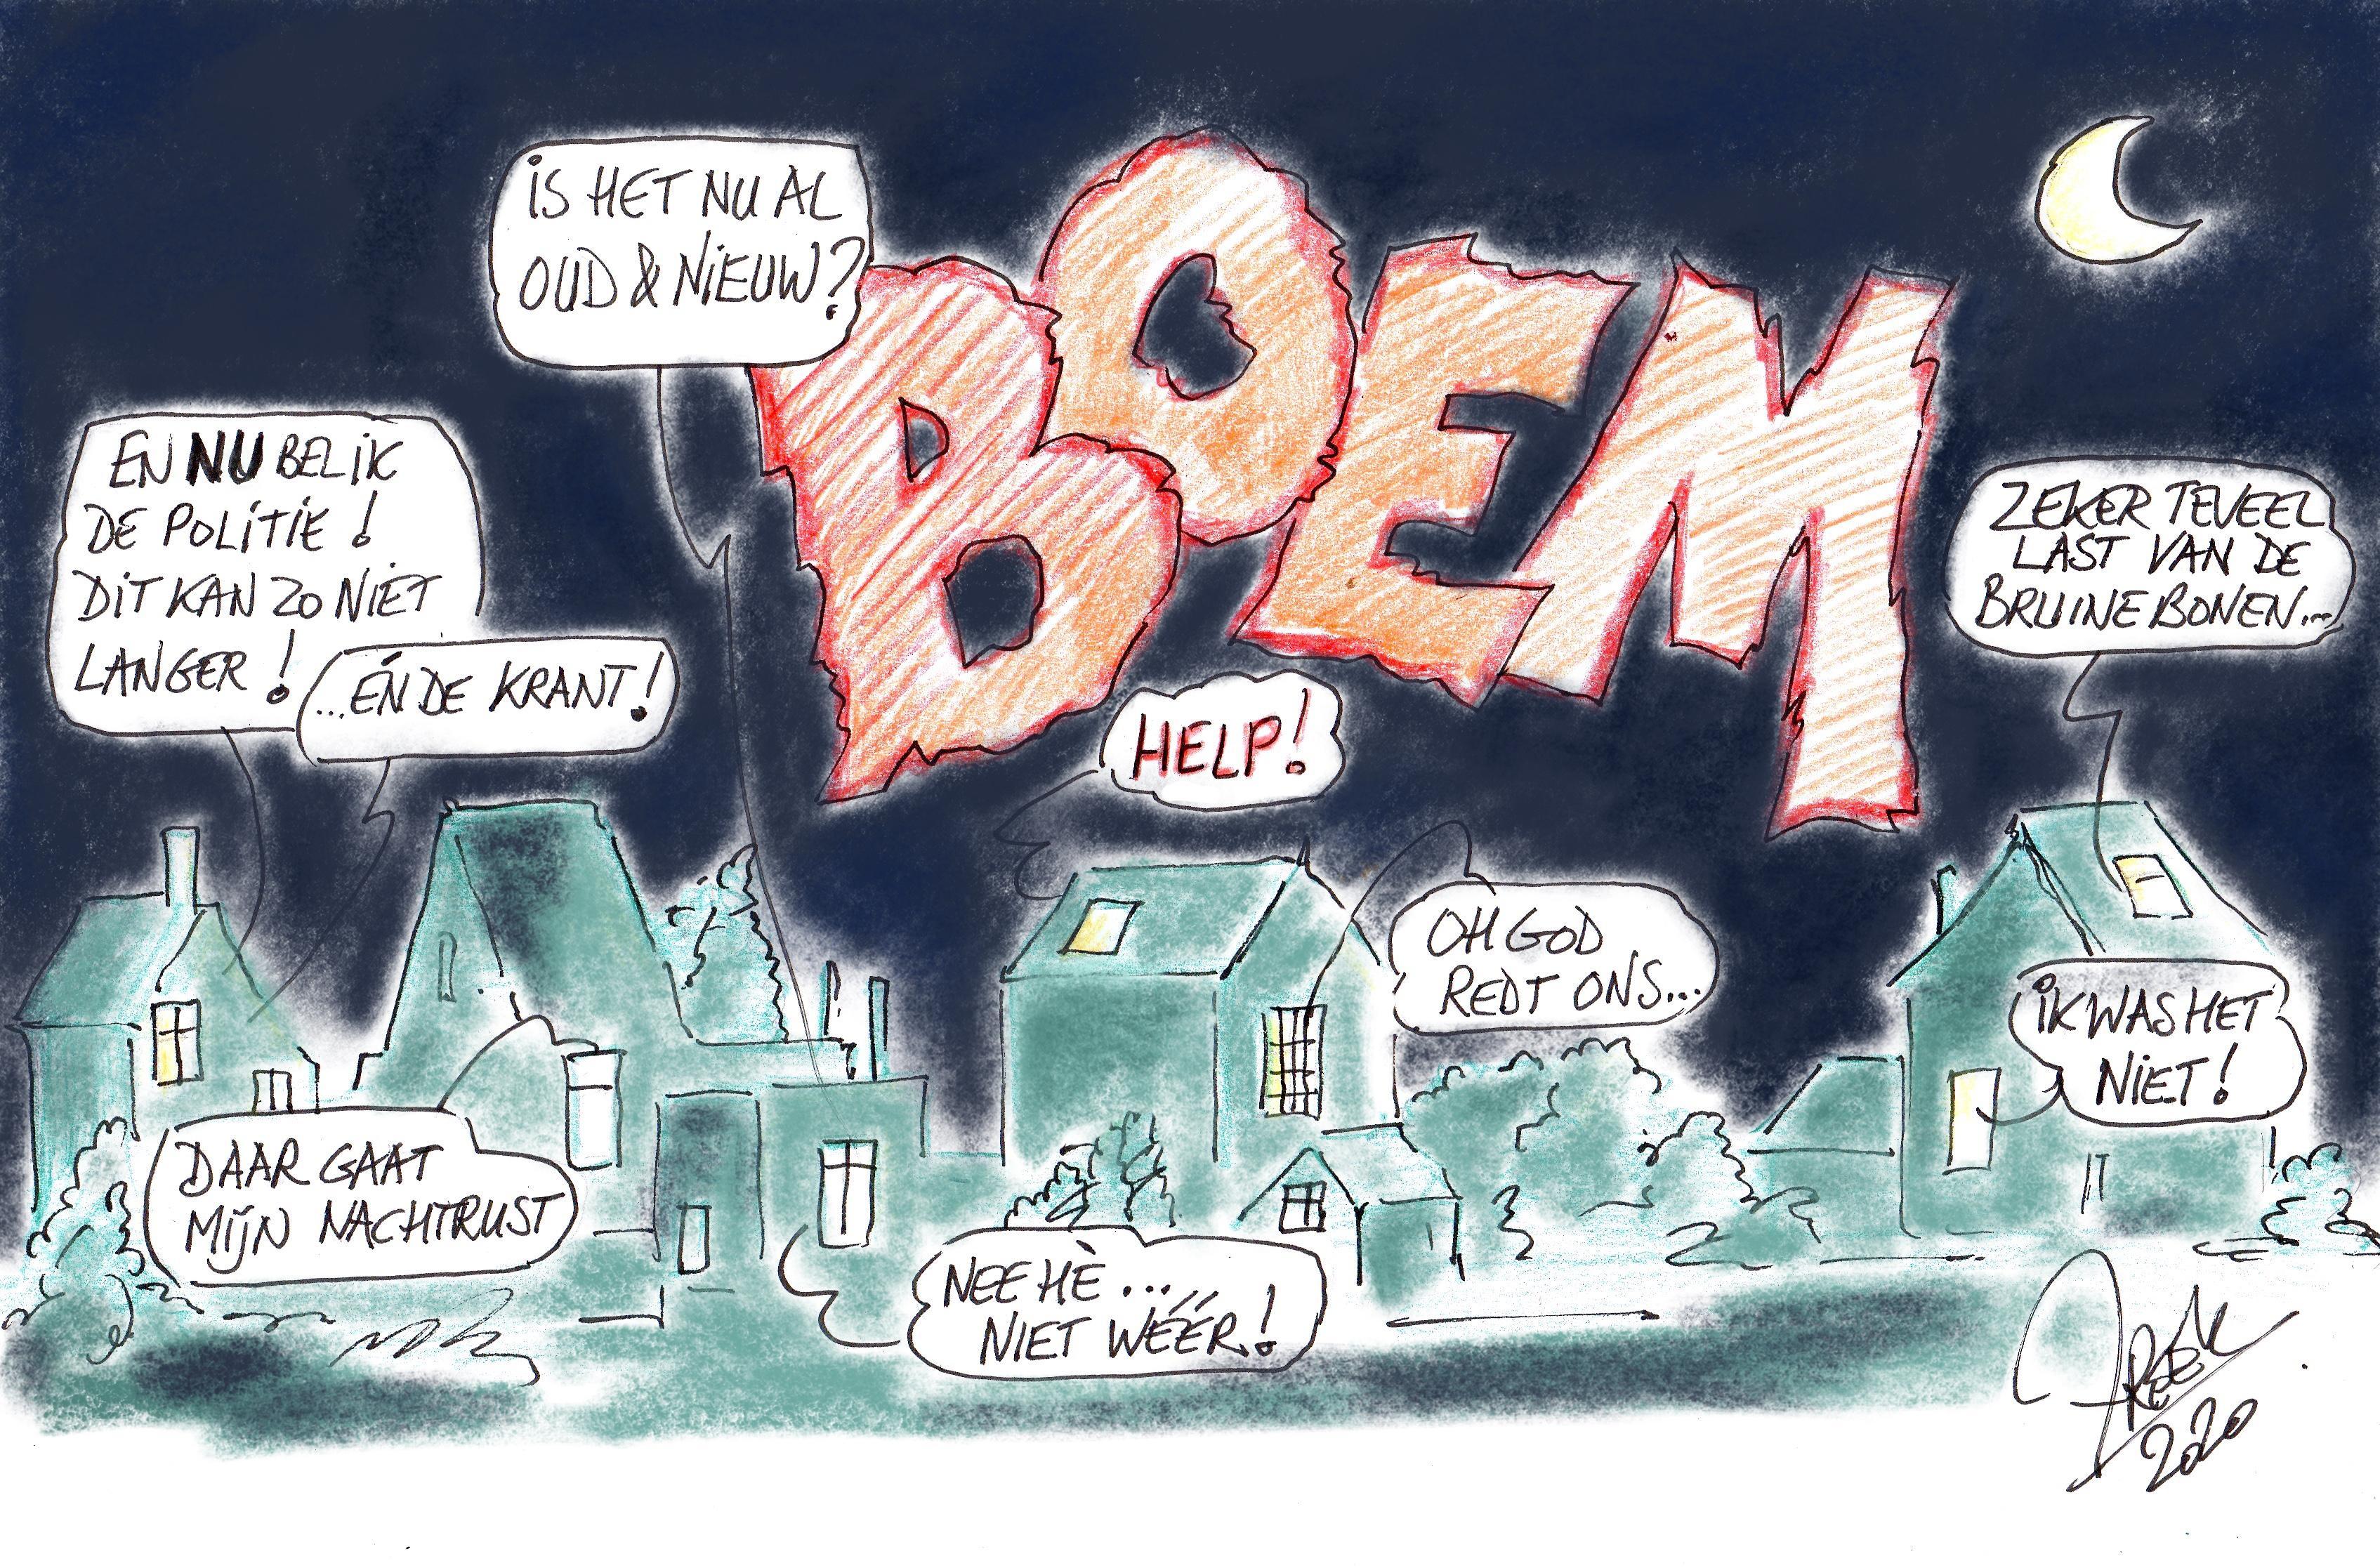 Hillegom is nachtelijke vuurwerkbommen helemaal zat. Burgemeester vraagt hulp van inwoners: wie o wie zit achter die explosies?